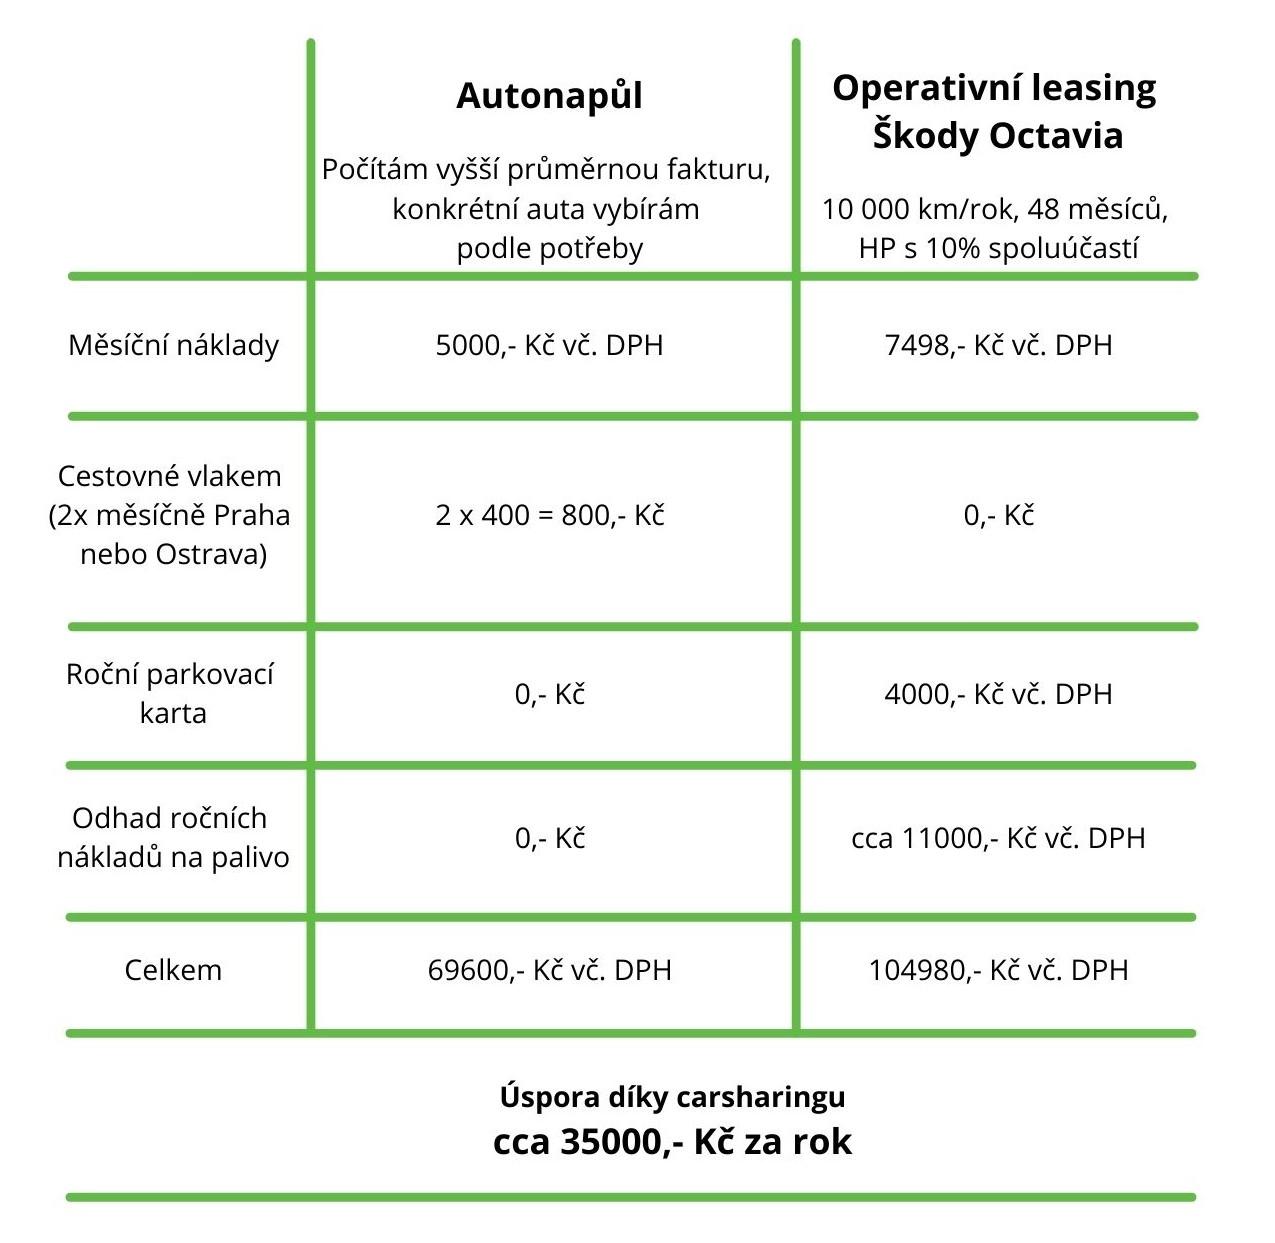 Brand Hub srovnání carsharing v. operativní leasing